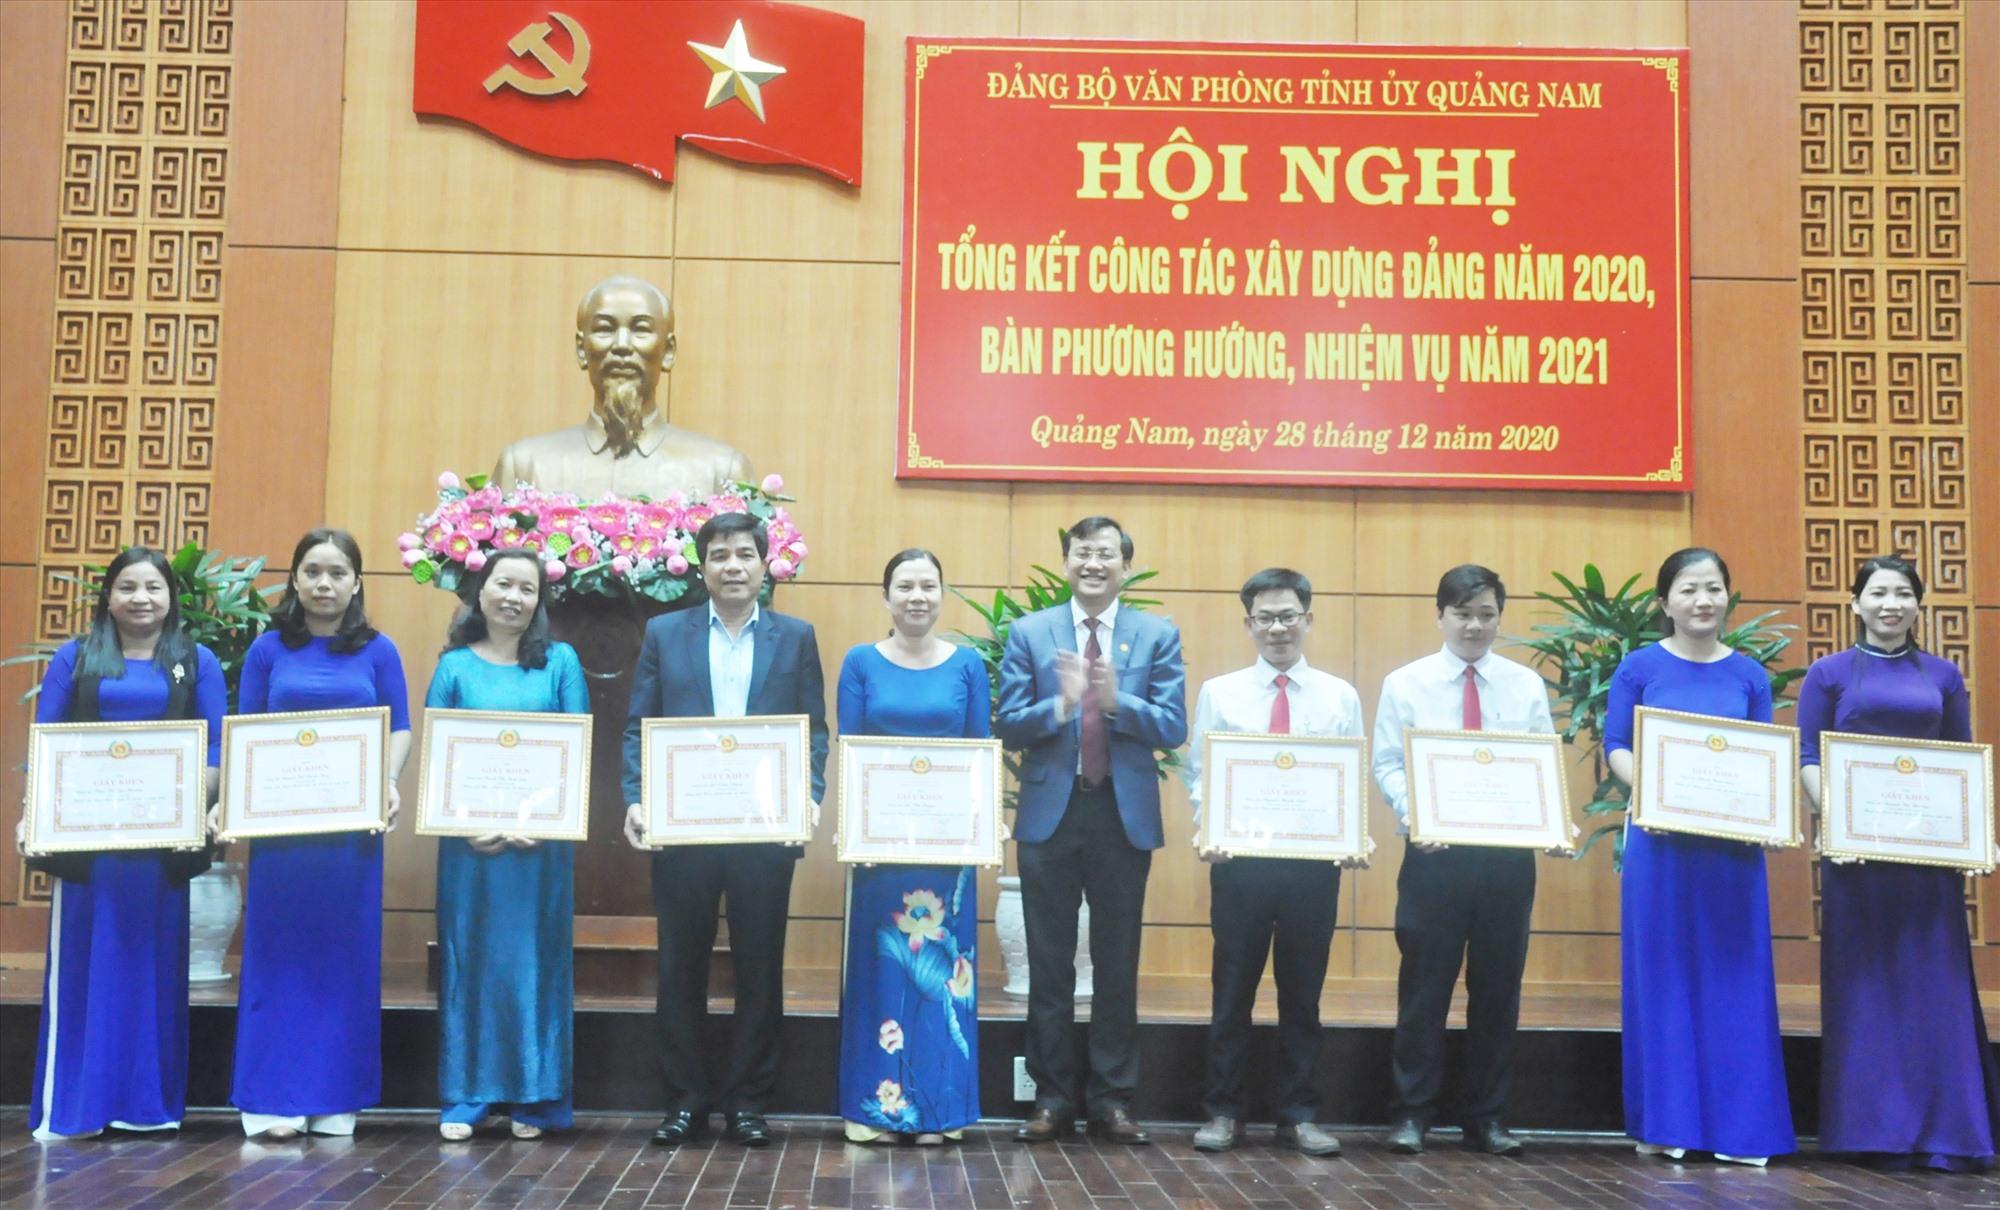 Bí thư Đảng ủy Văn phòng Tỉnh ủy Phan Văn Bình tặng giấy khen cho các đảng viên hoàn thành xuất sắc nhiệm vụ năm 2020. Ảnh: N.Đ